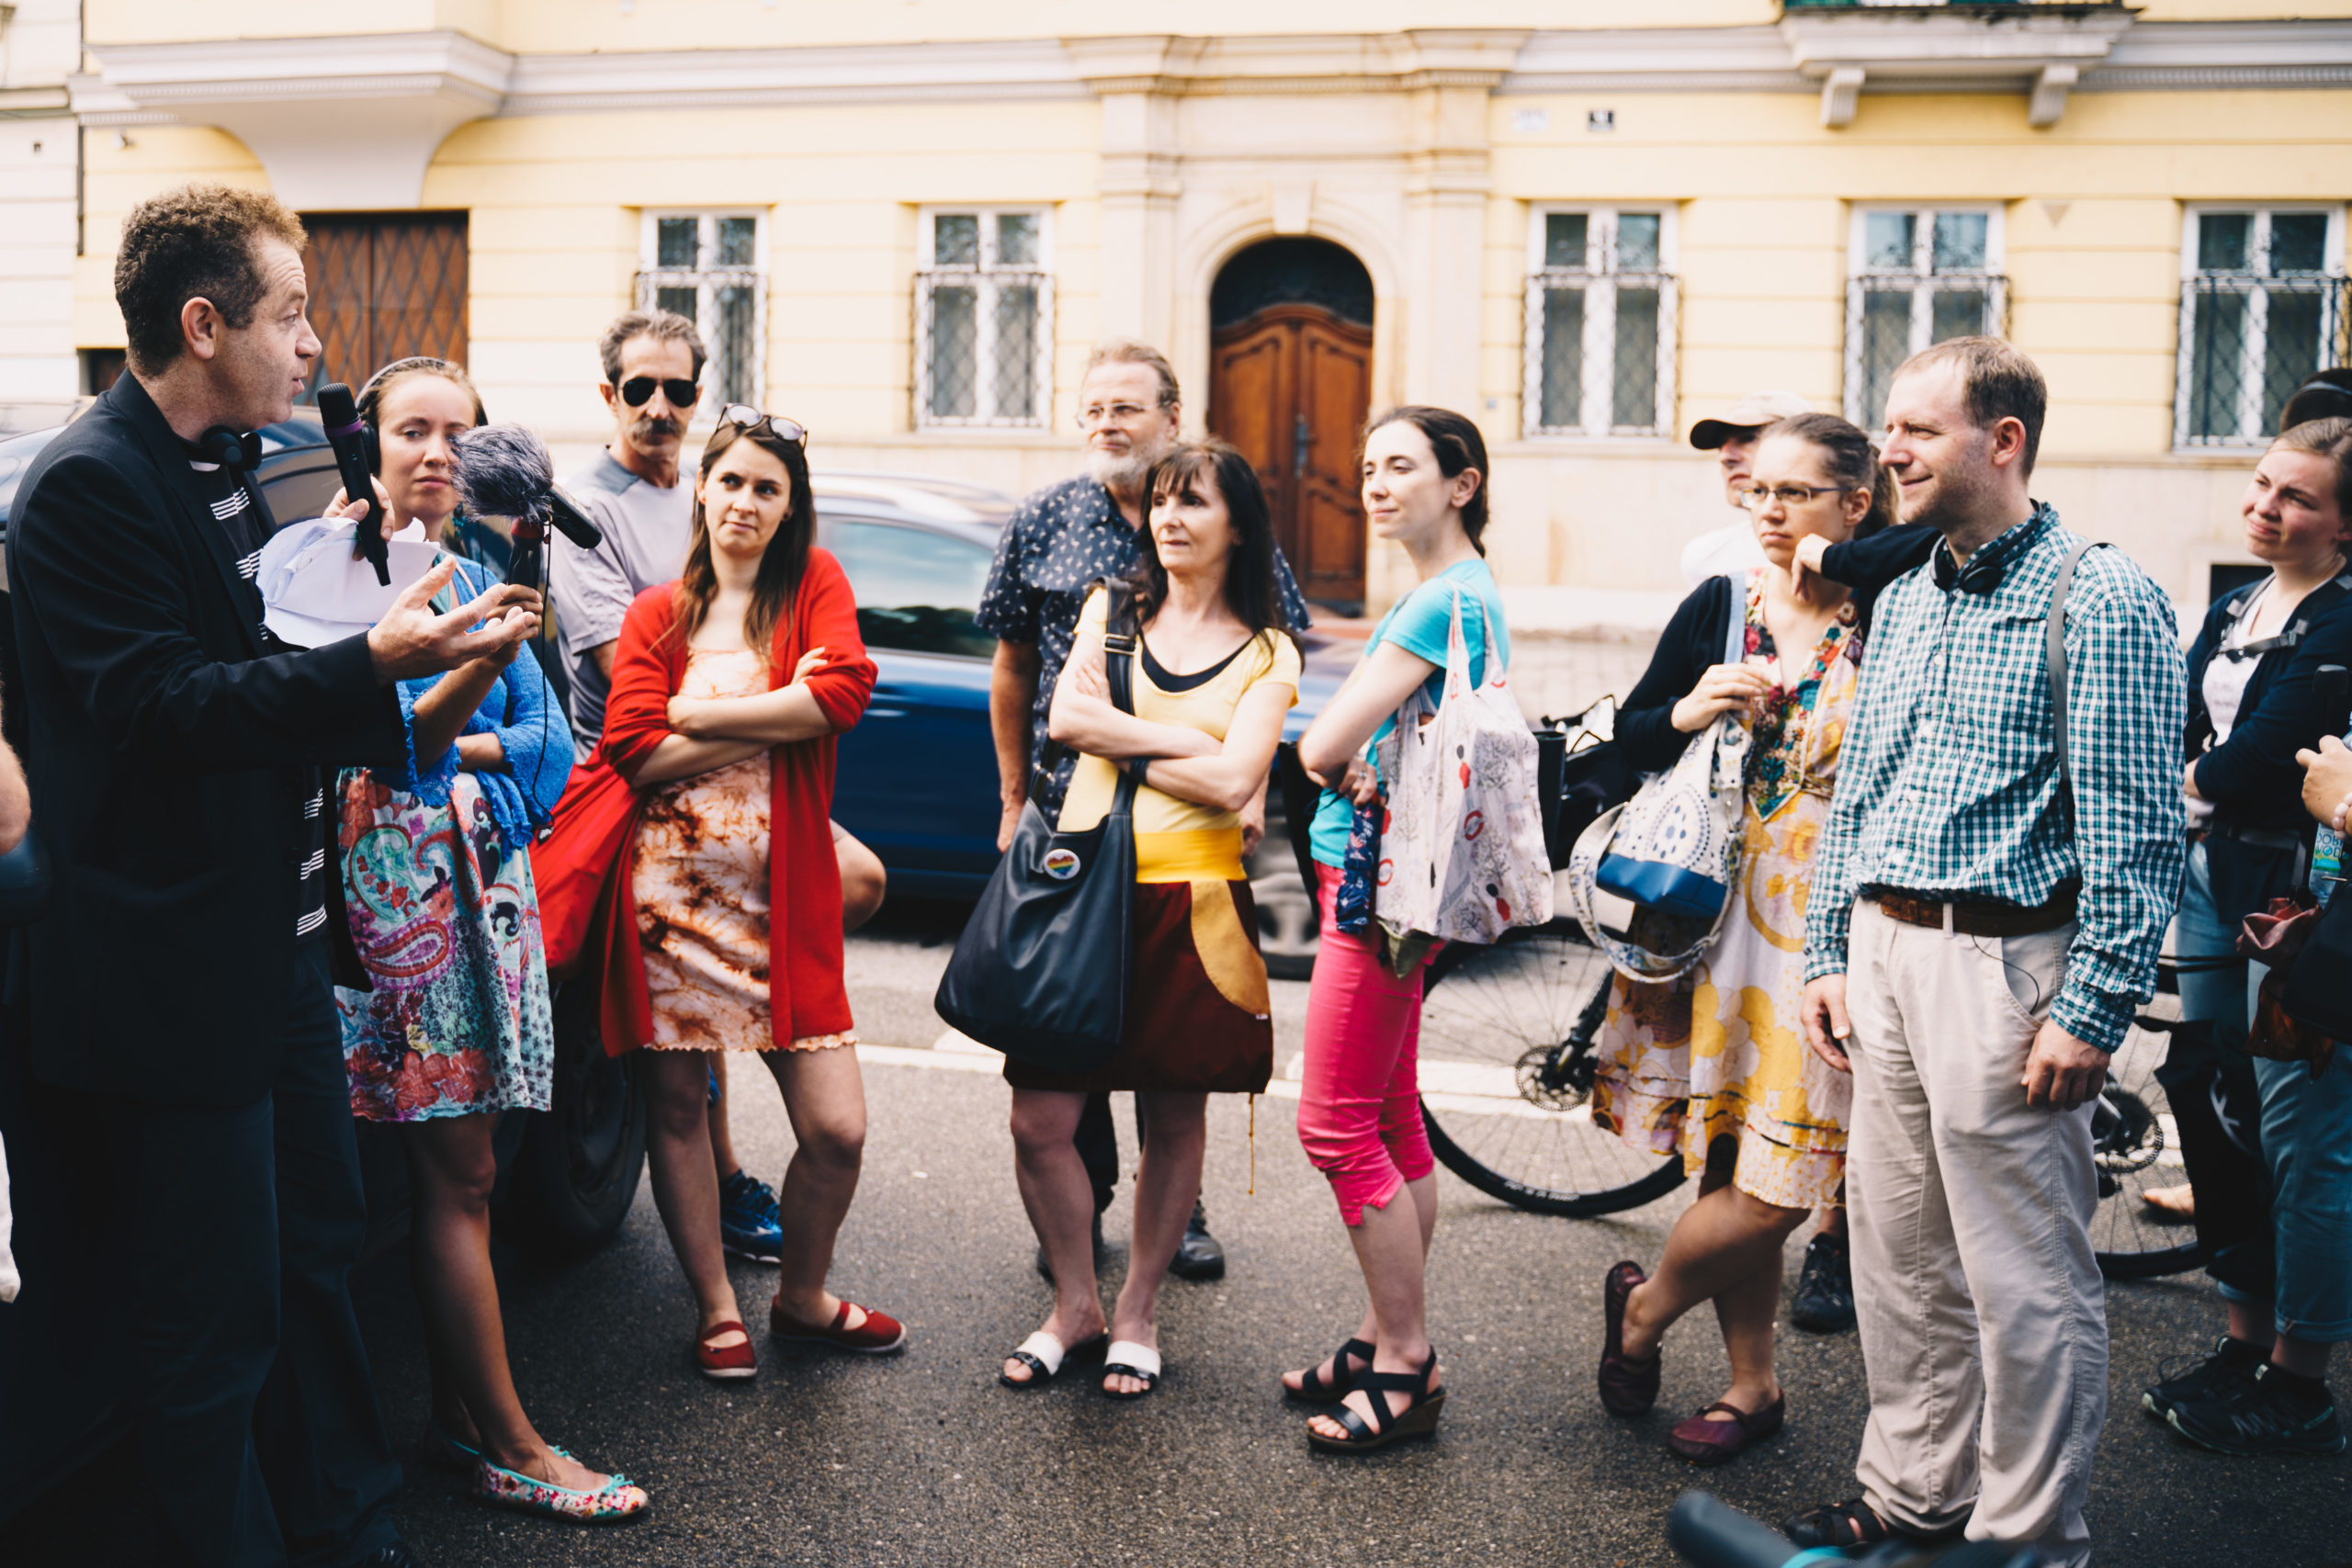 Otevření stezky po stopách rodiny Löw-Beer s koncertem ve vile Tugendhat